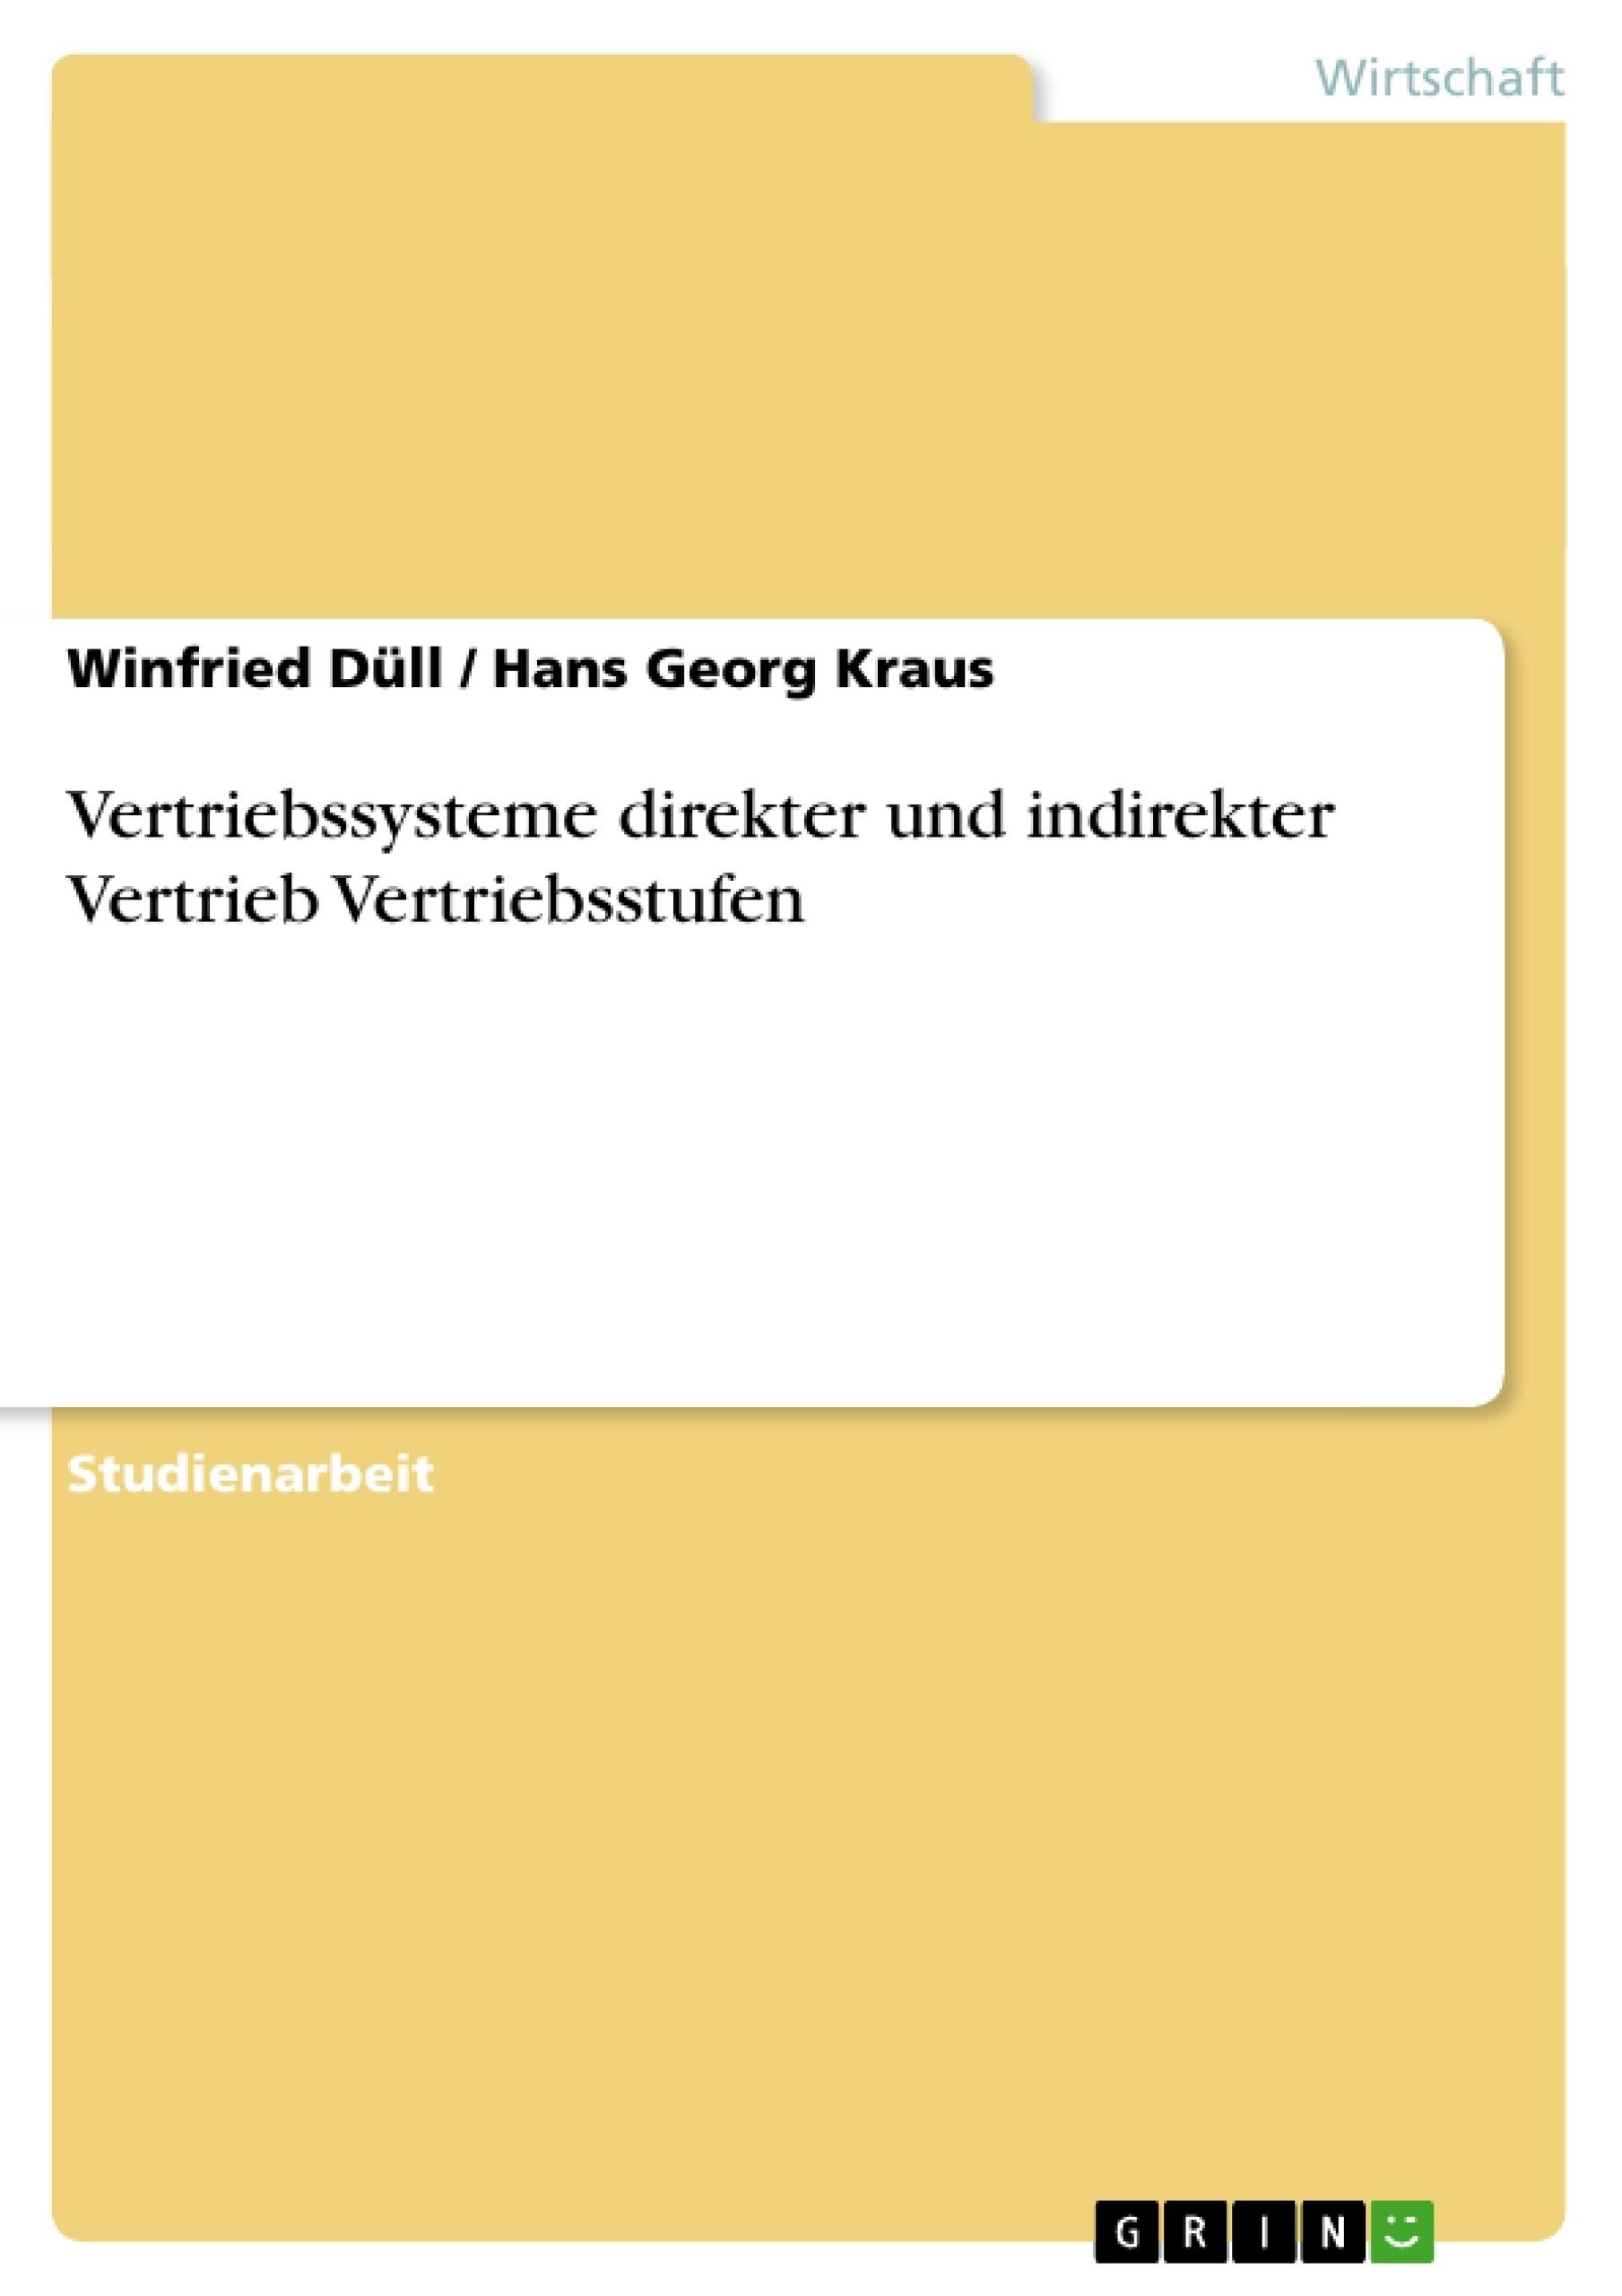 Titel: Vertriebssysteme direkter und indirekter Vertrieb Vertriebsstufen